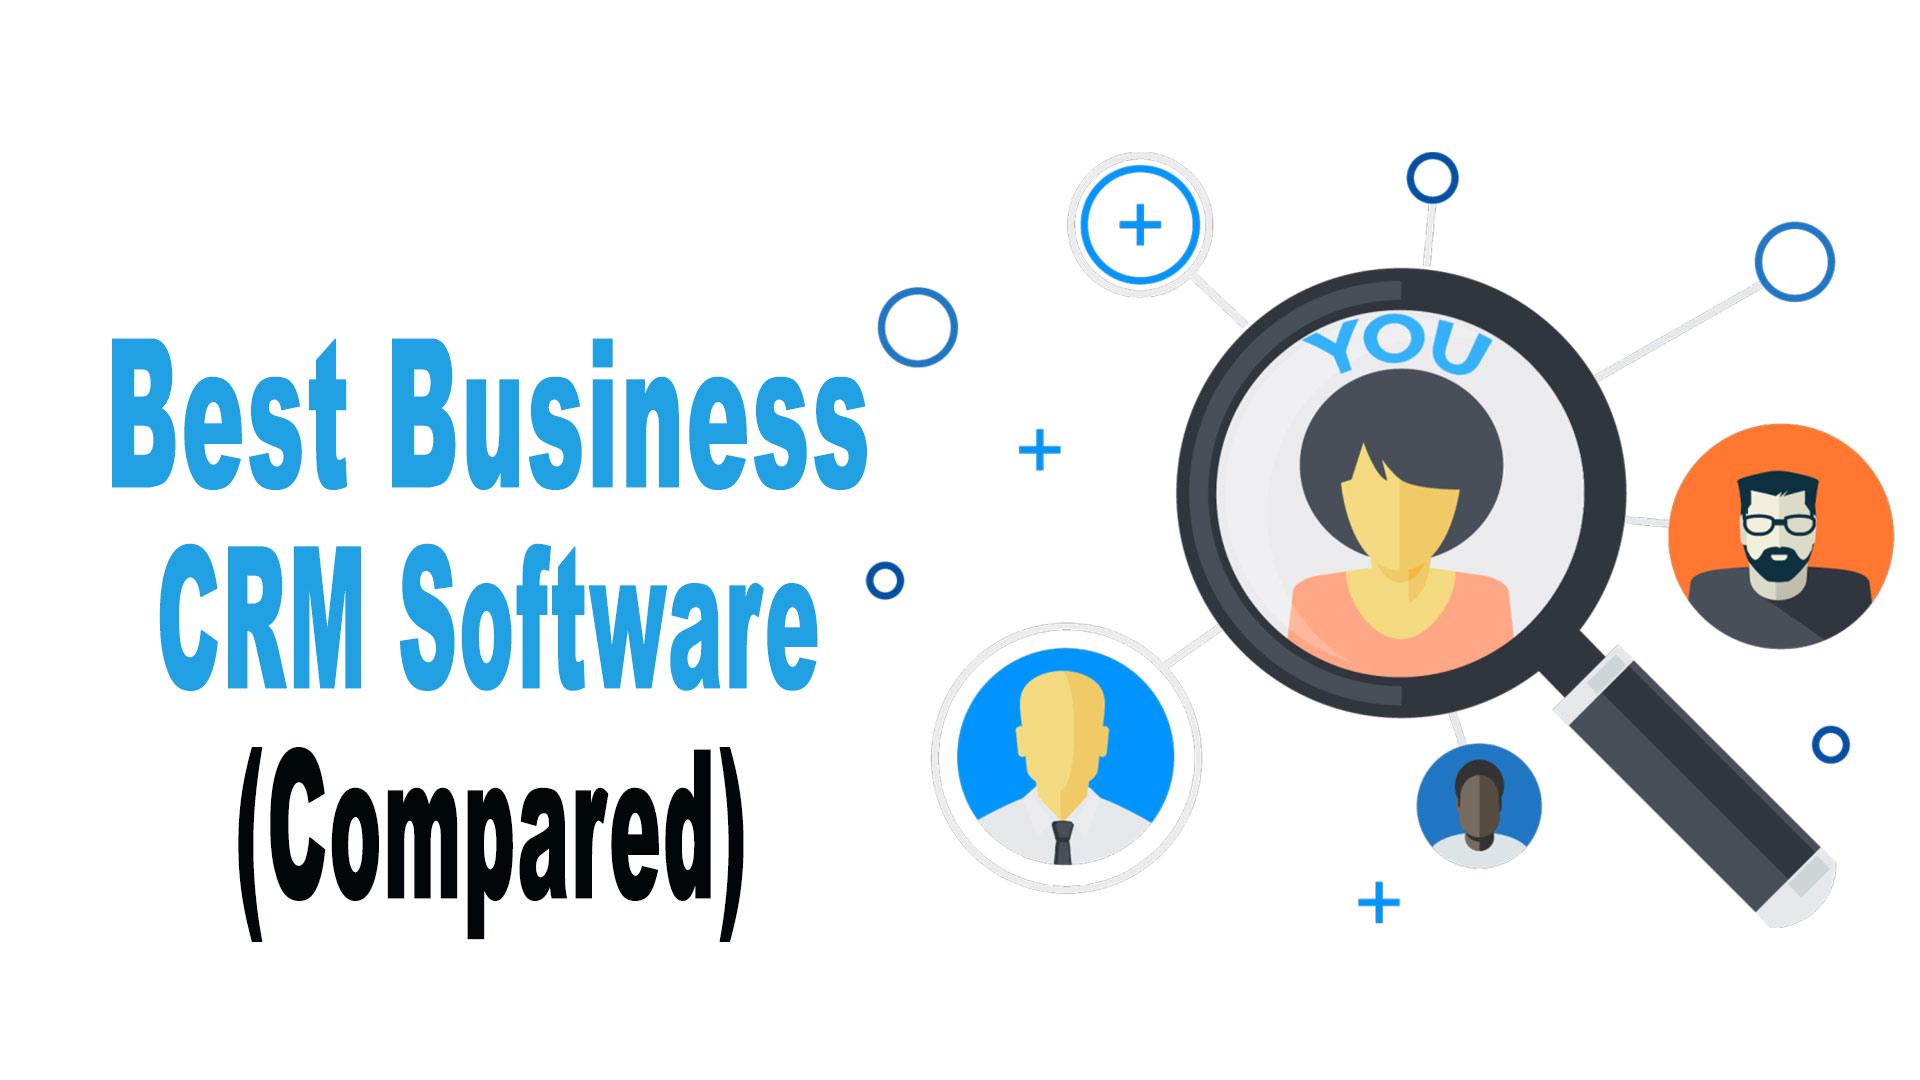 Compare CRM Software